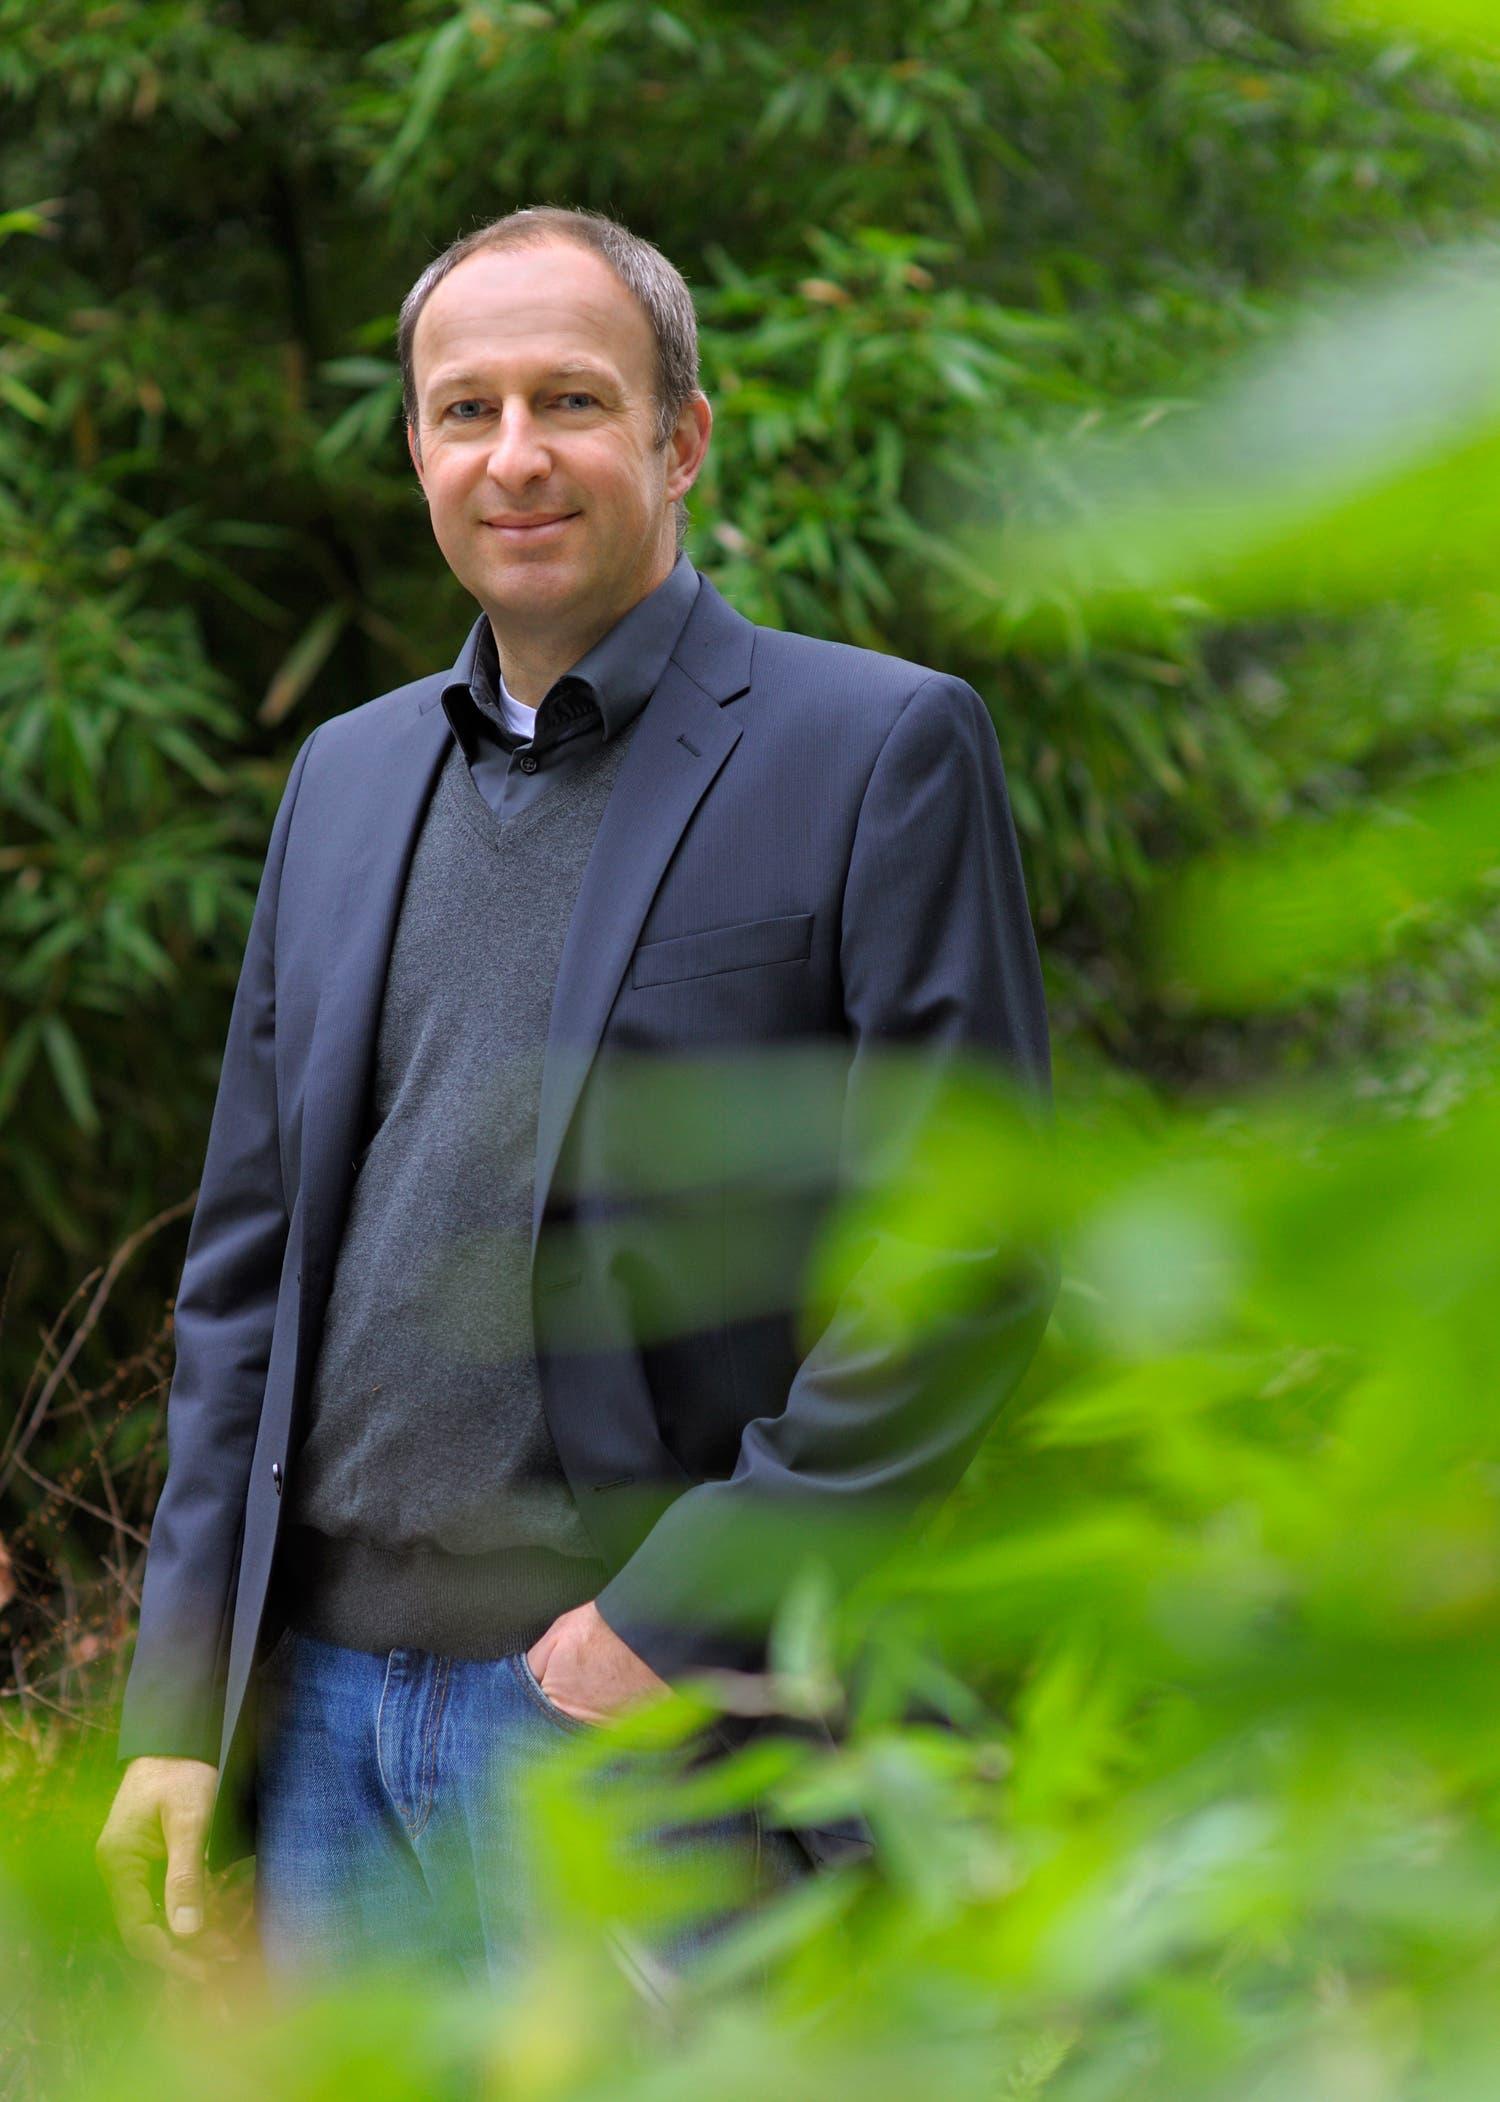 Der Landschaftsarchitekt Claus Heuvemann leitet den Botanischen Garten Erlangen der Friedrich-Alexander-Universität (FAU) Erlangen-Nürnberg.